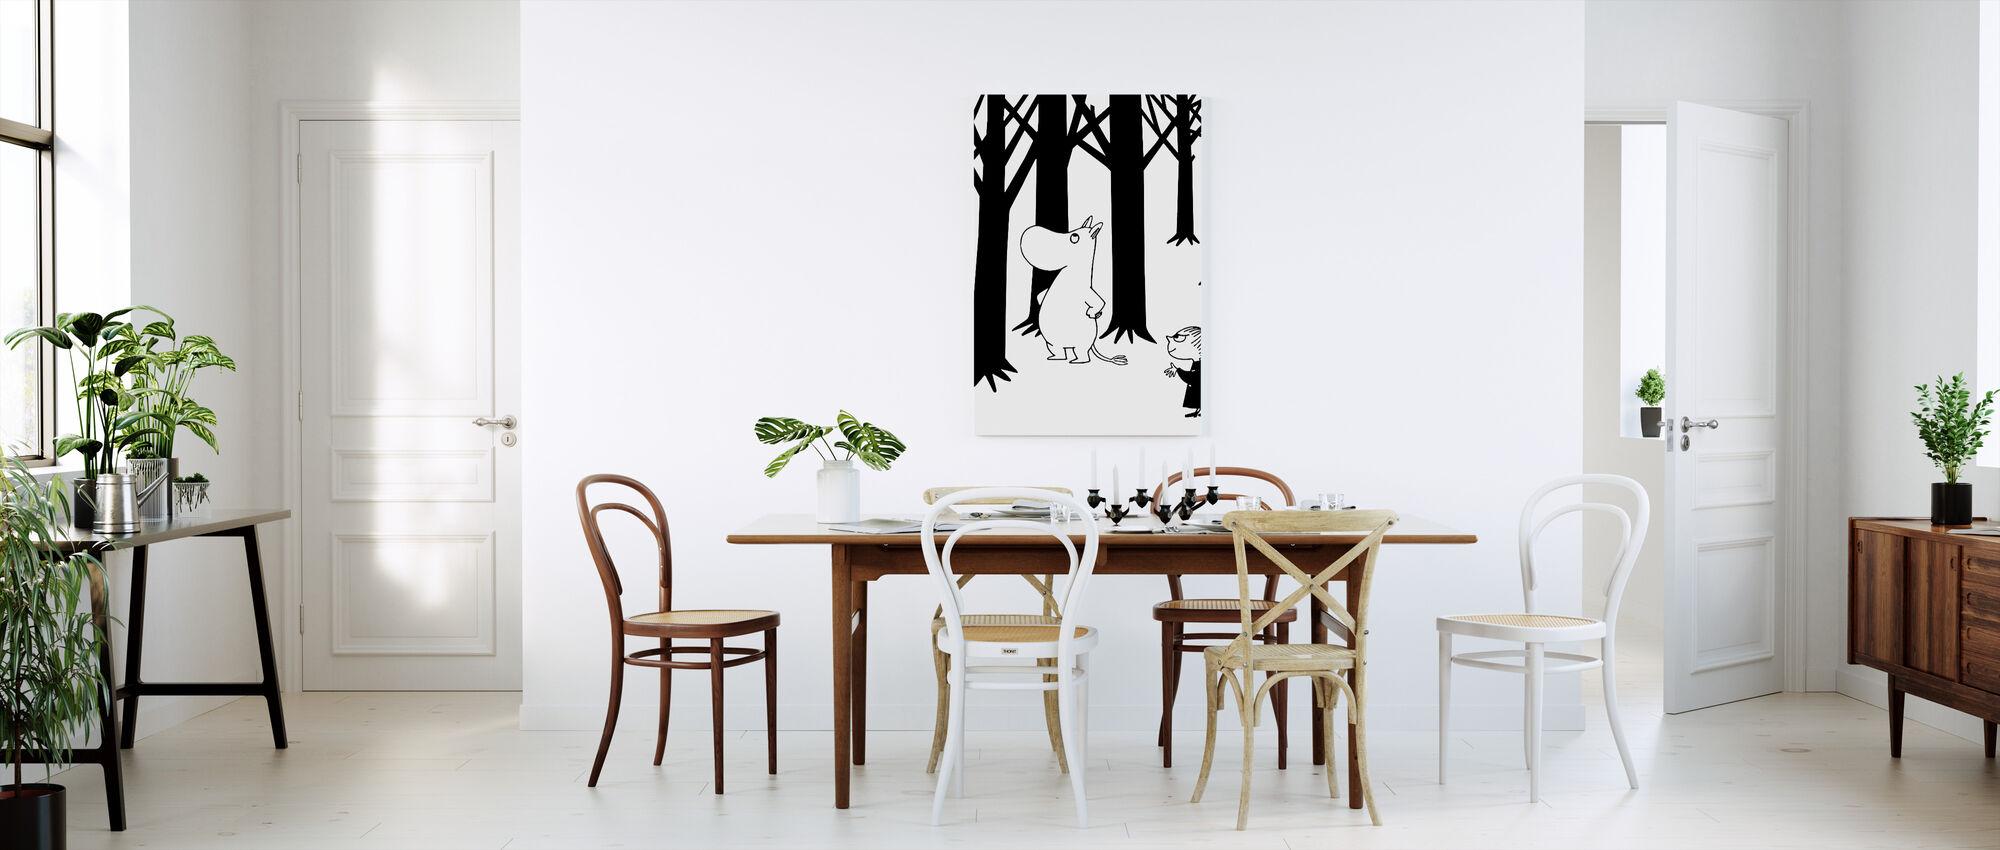 Mumin und Little My in Ein Wald - Leinwandbild - Küchen